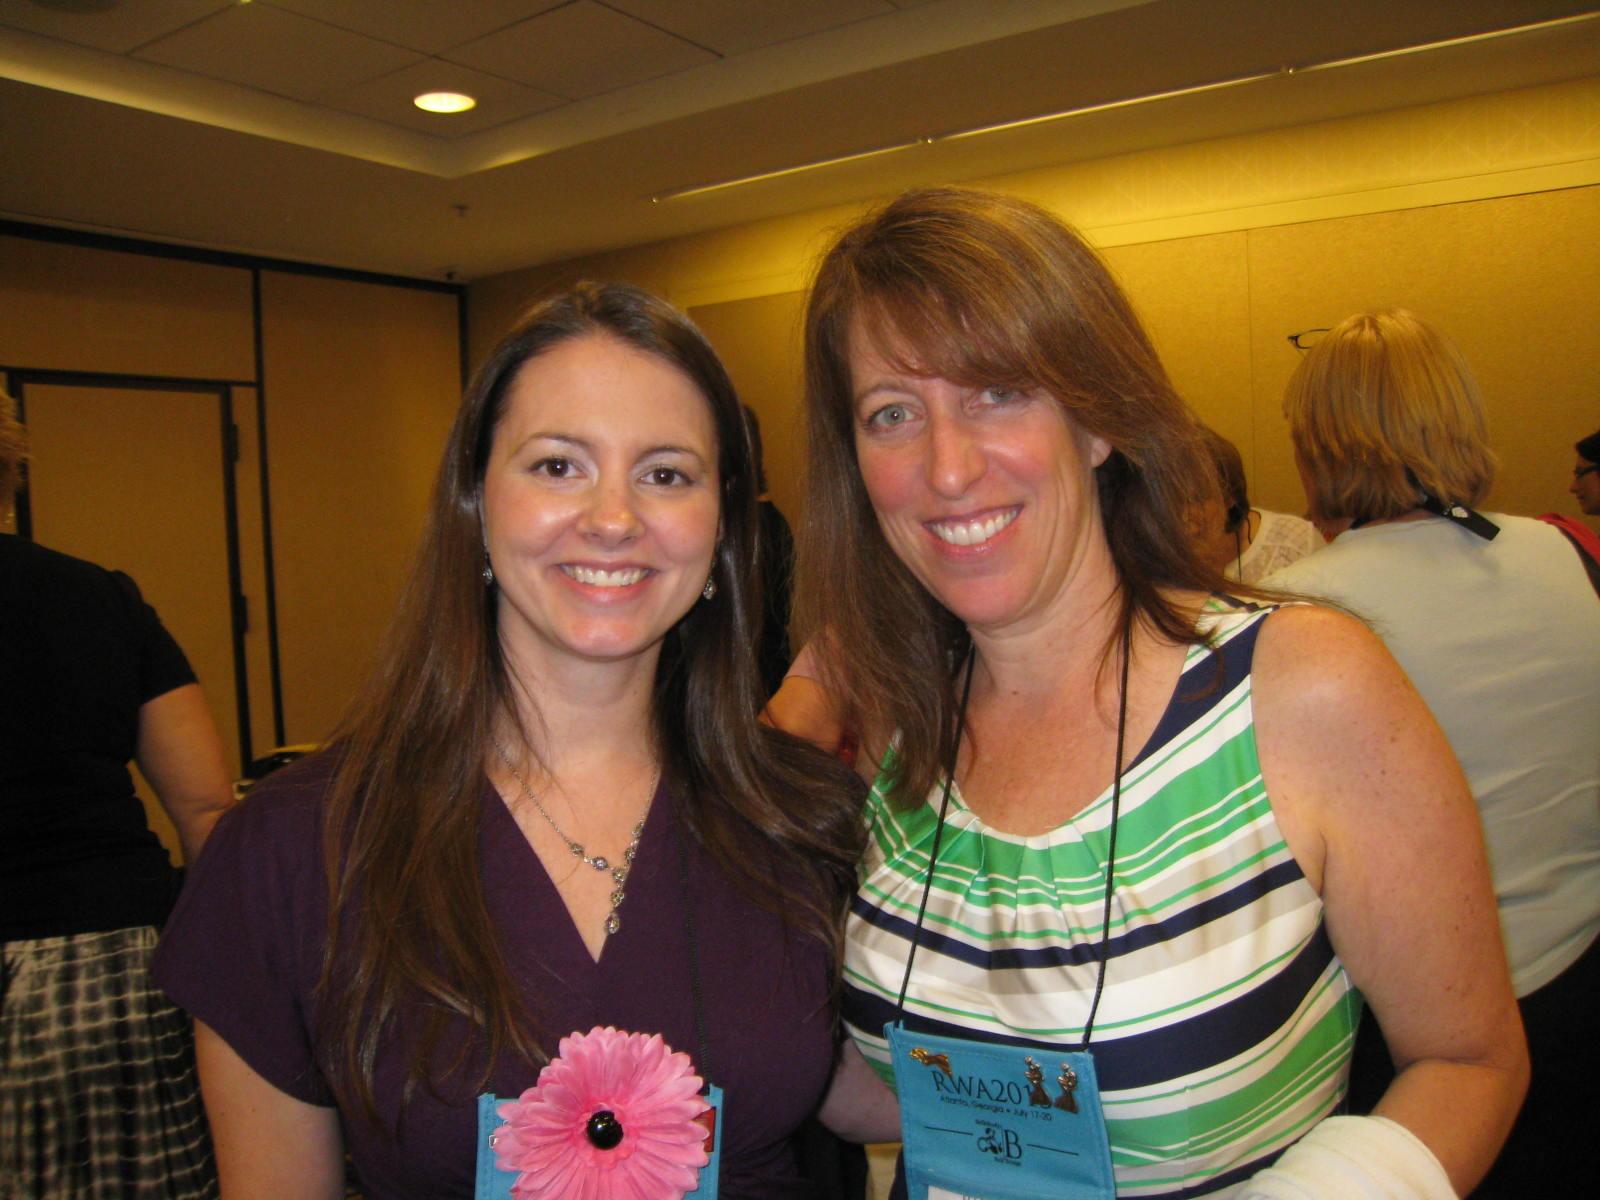 Jessica & Jill Shalvis